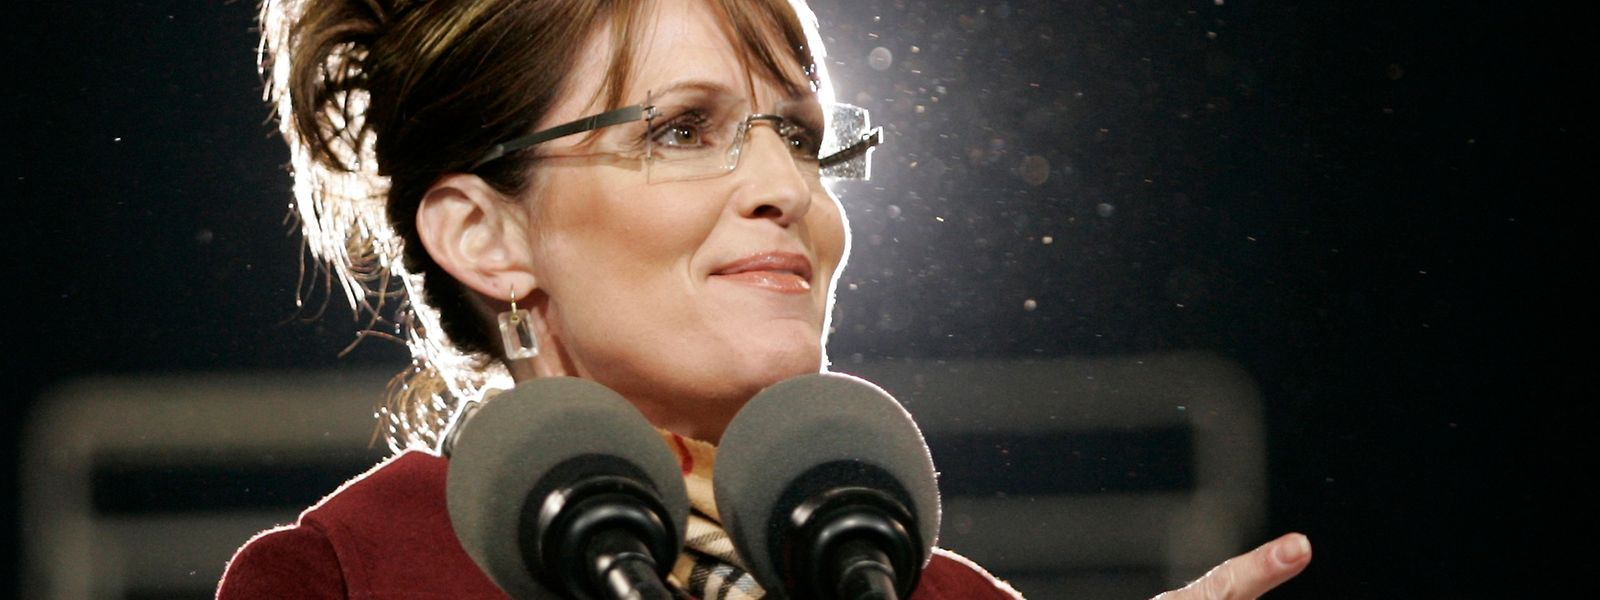 Agierte im Wahlkampf 2008, vorsichtig fomuliert, glücklos: Sarah Palin.